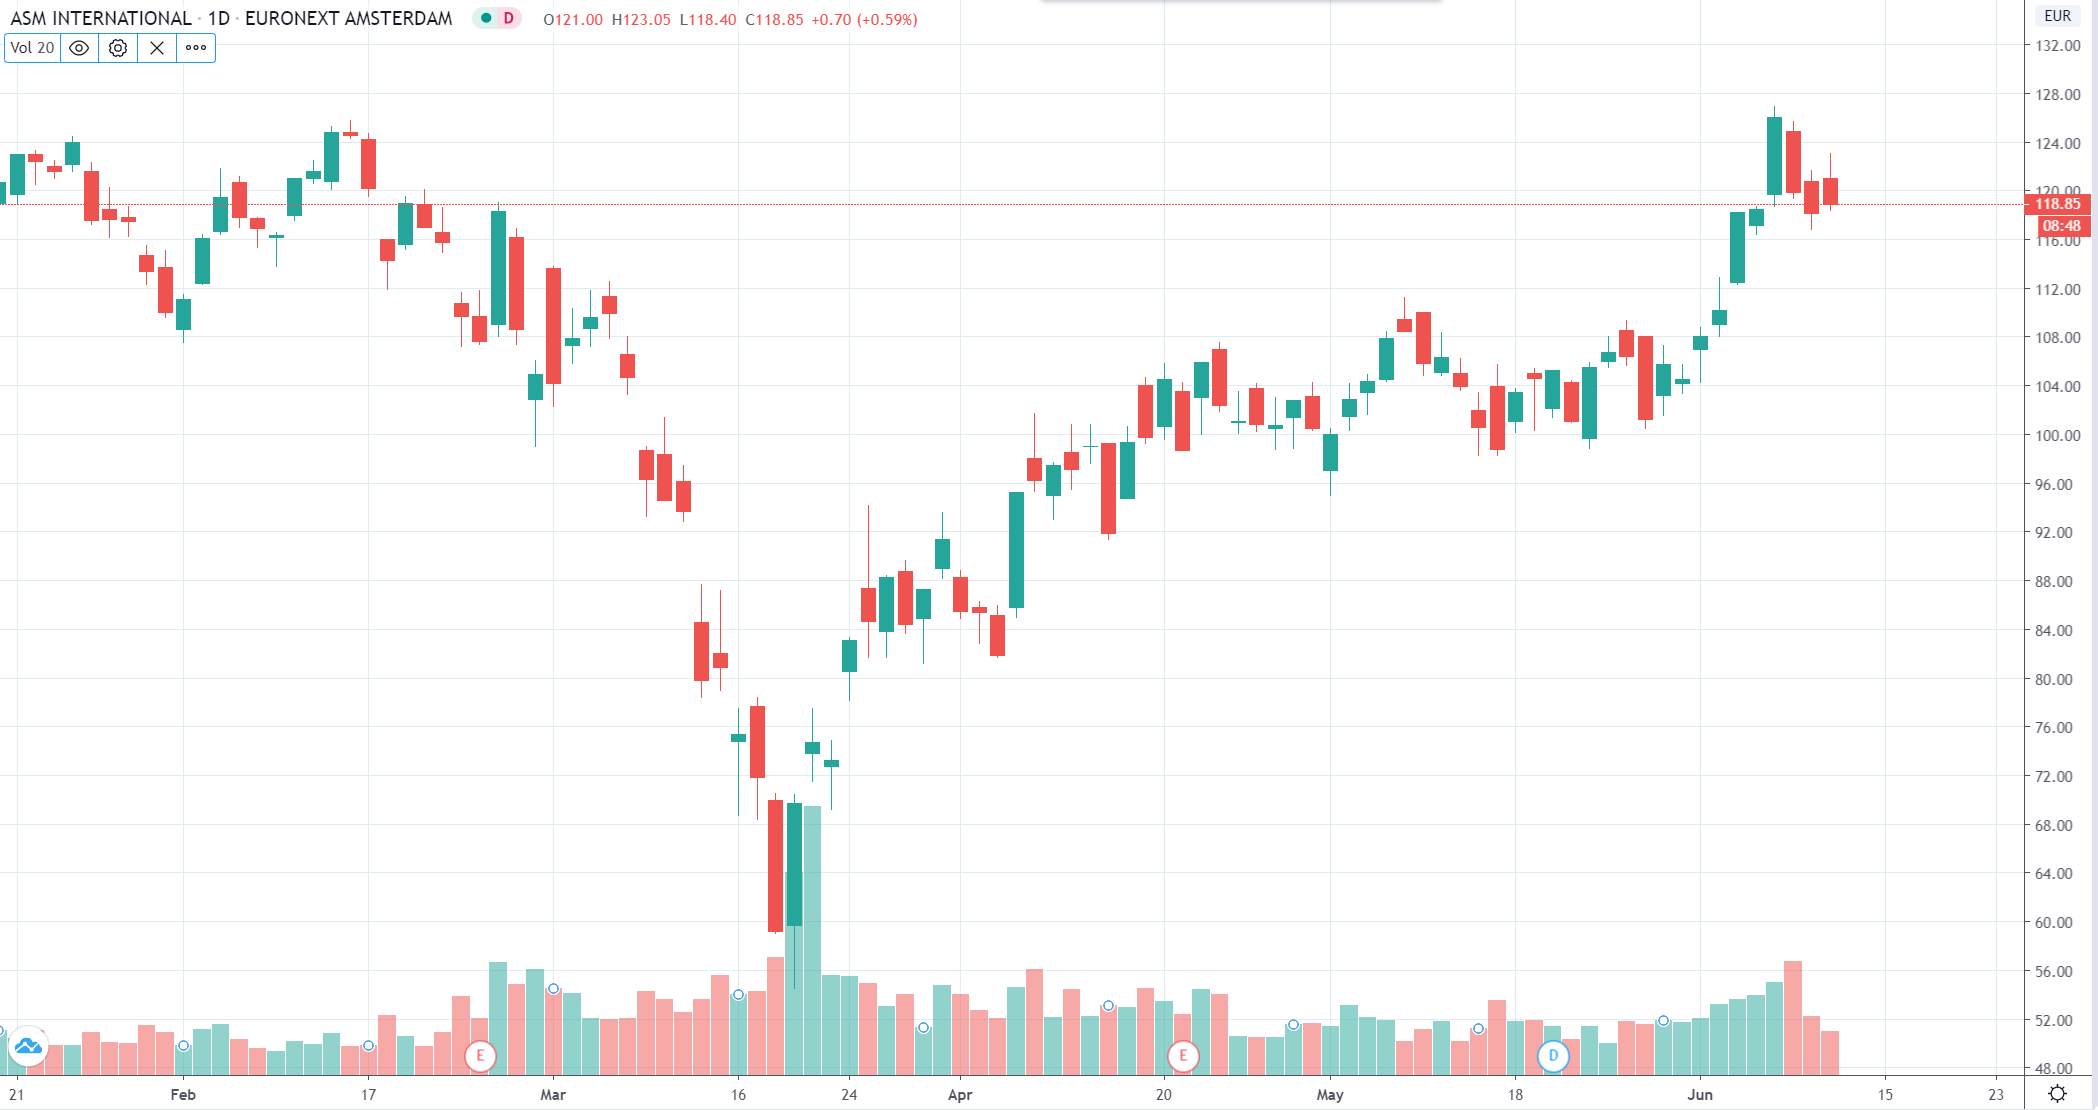 Volatiliteit en volume AEX